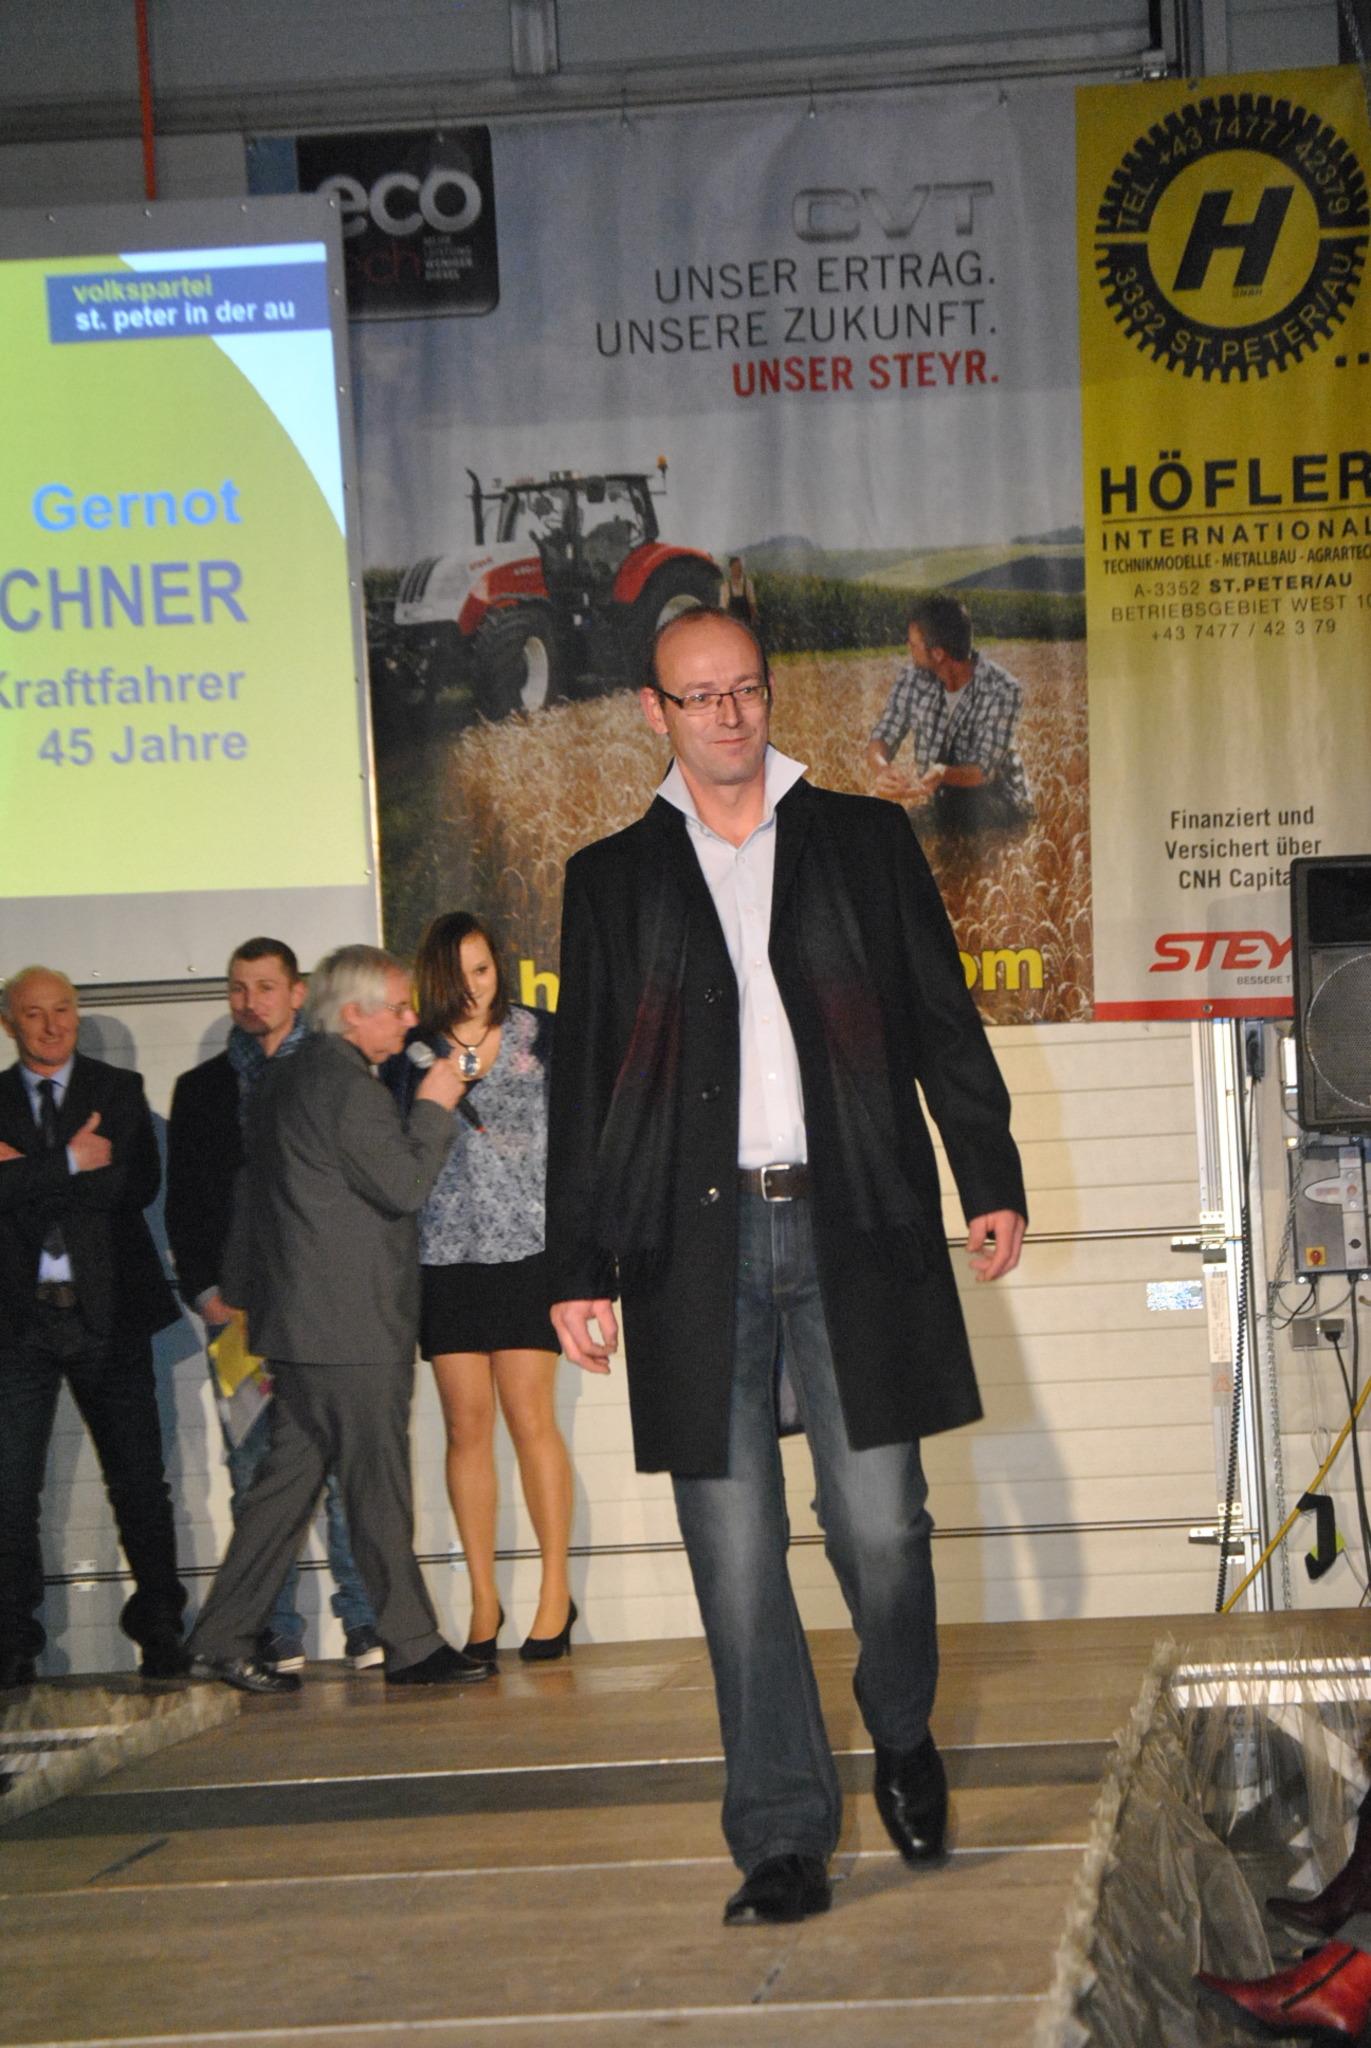 Frau sucht mann in sankt peter in der au markt - Poysdorf